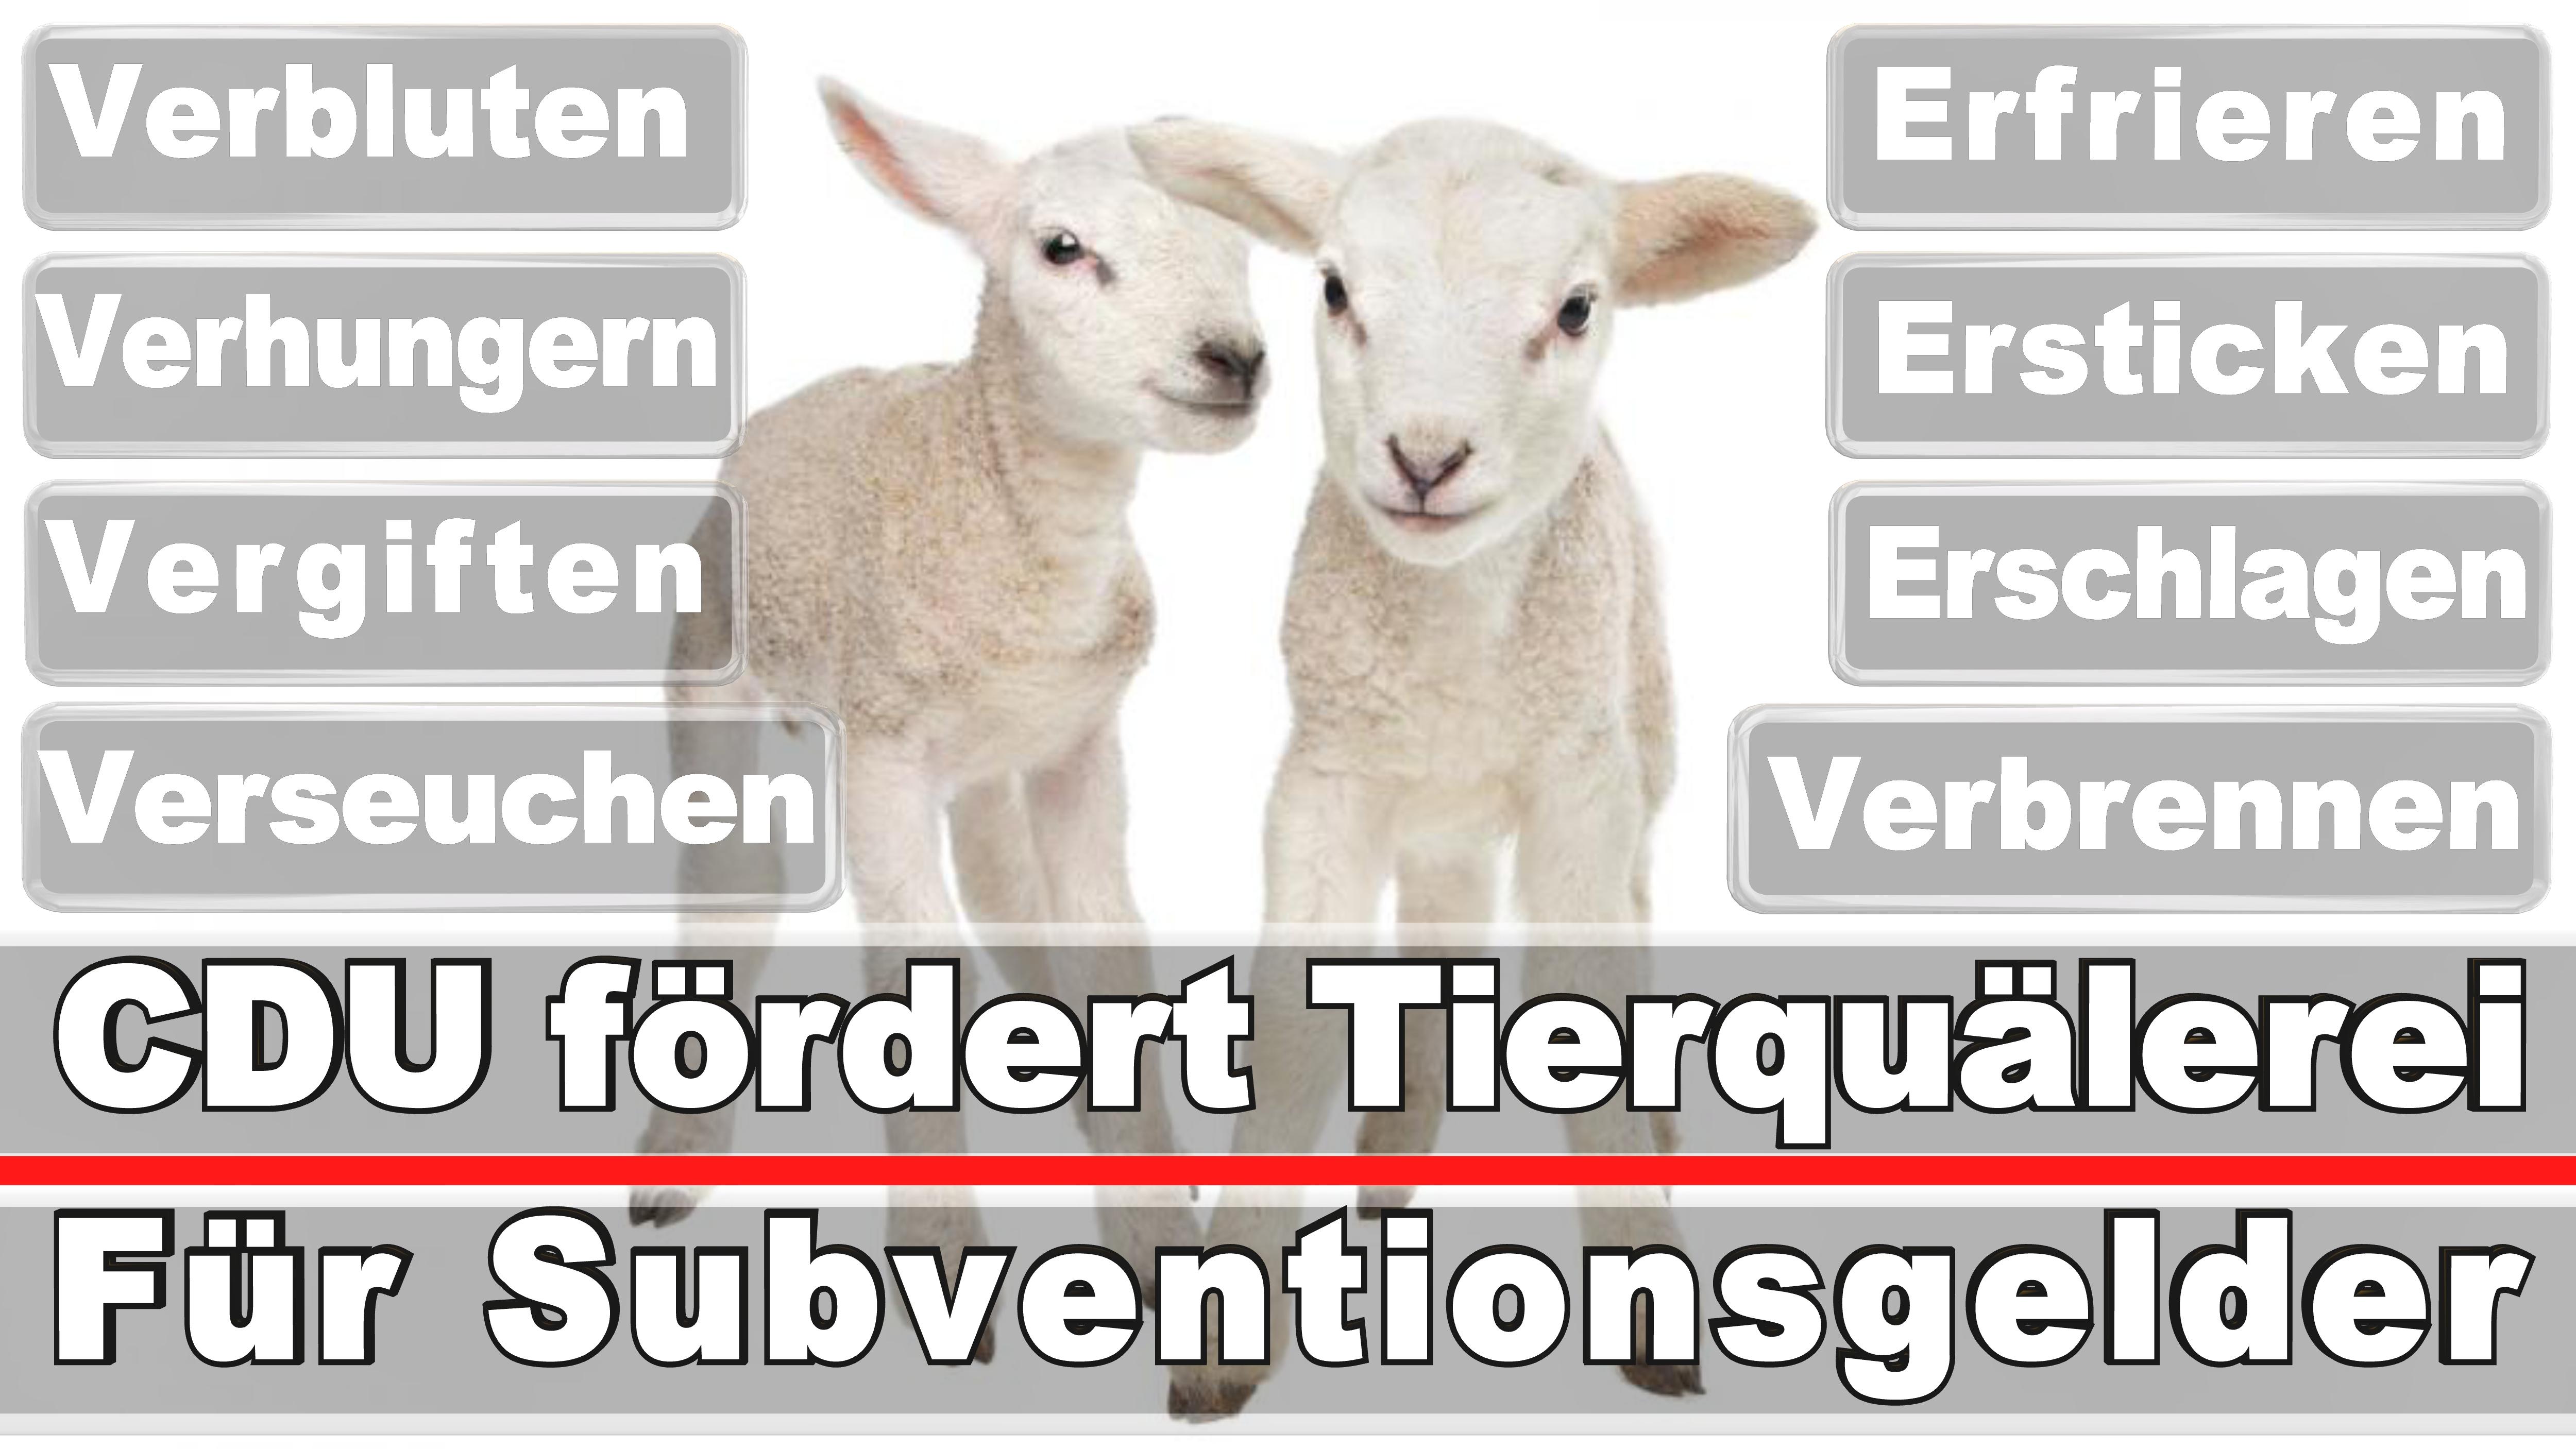 Landtagswahl-Bundestagswahl-CDU-SPD-FDP-AFD-Linke-Piraten (1)